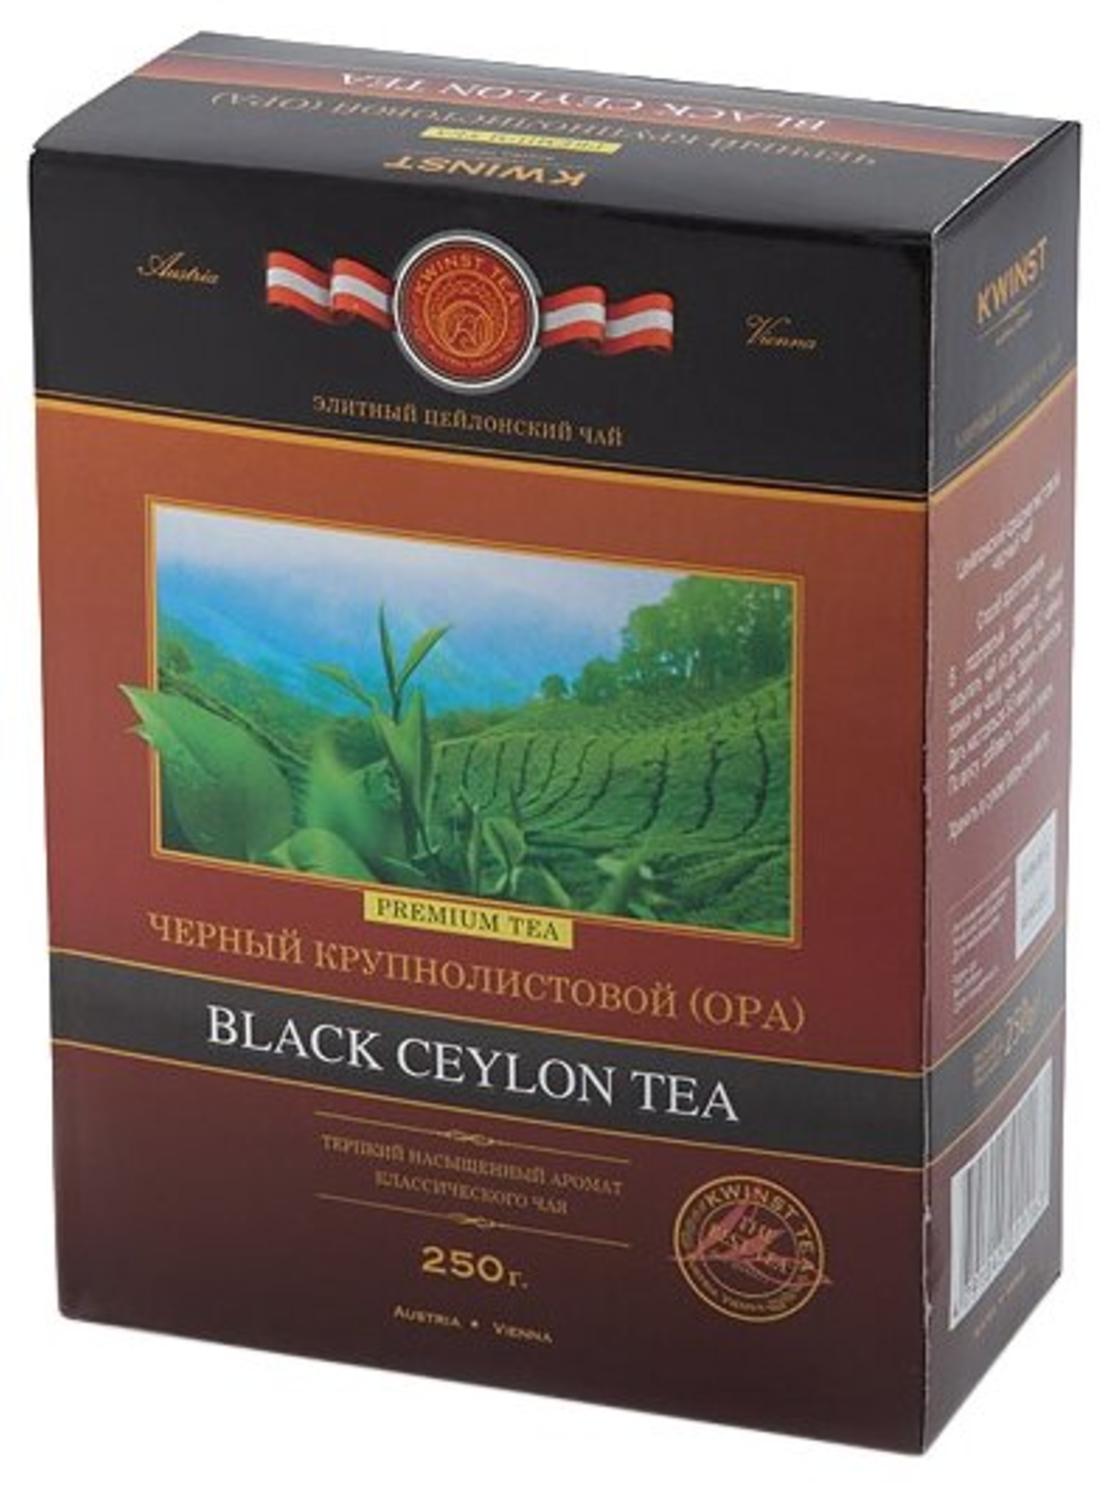 Чай KWINST черный крупнолистовой, 250 гр